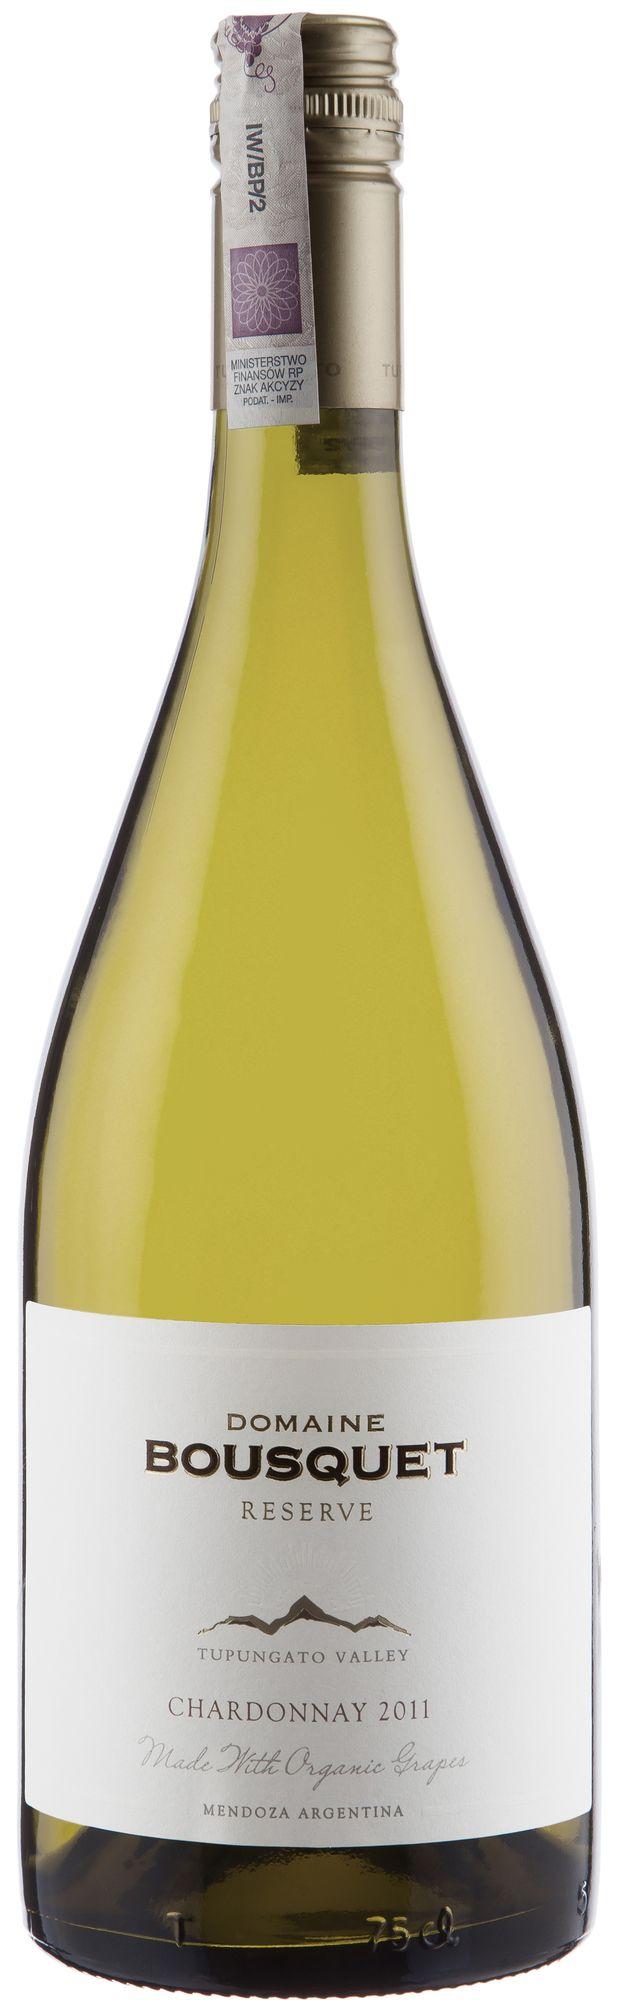 Wino Domaine Bousquet Reserva Chardonnay Tupungato